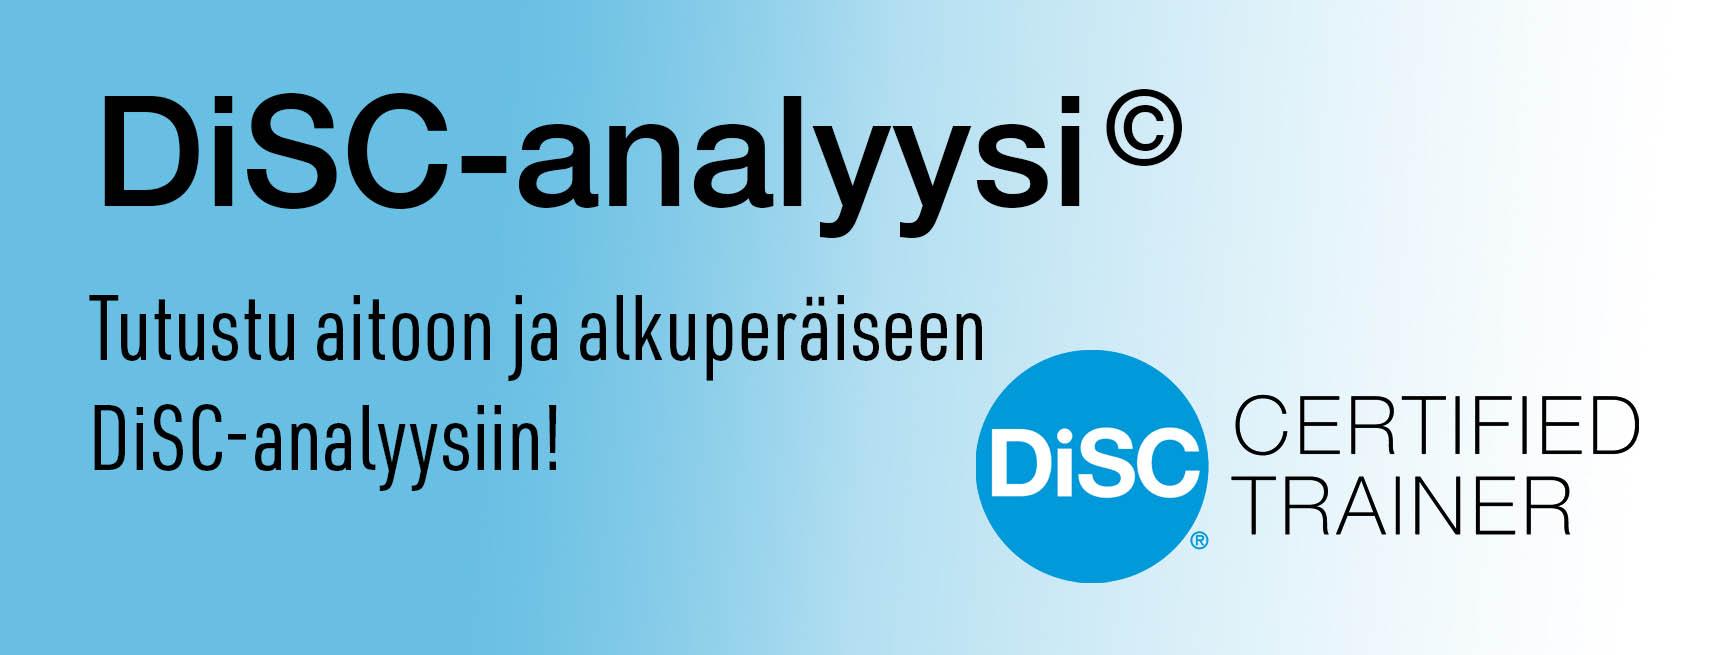 Disc-analyysi